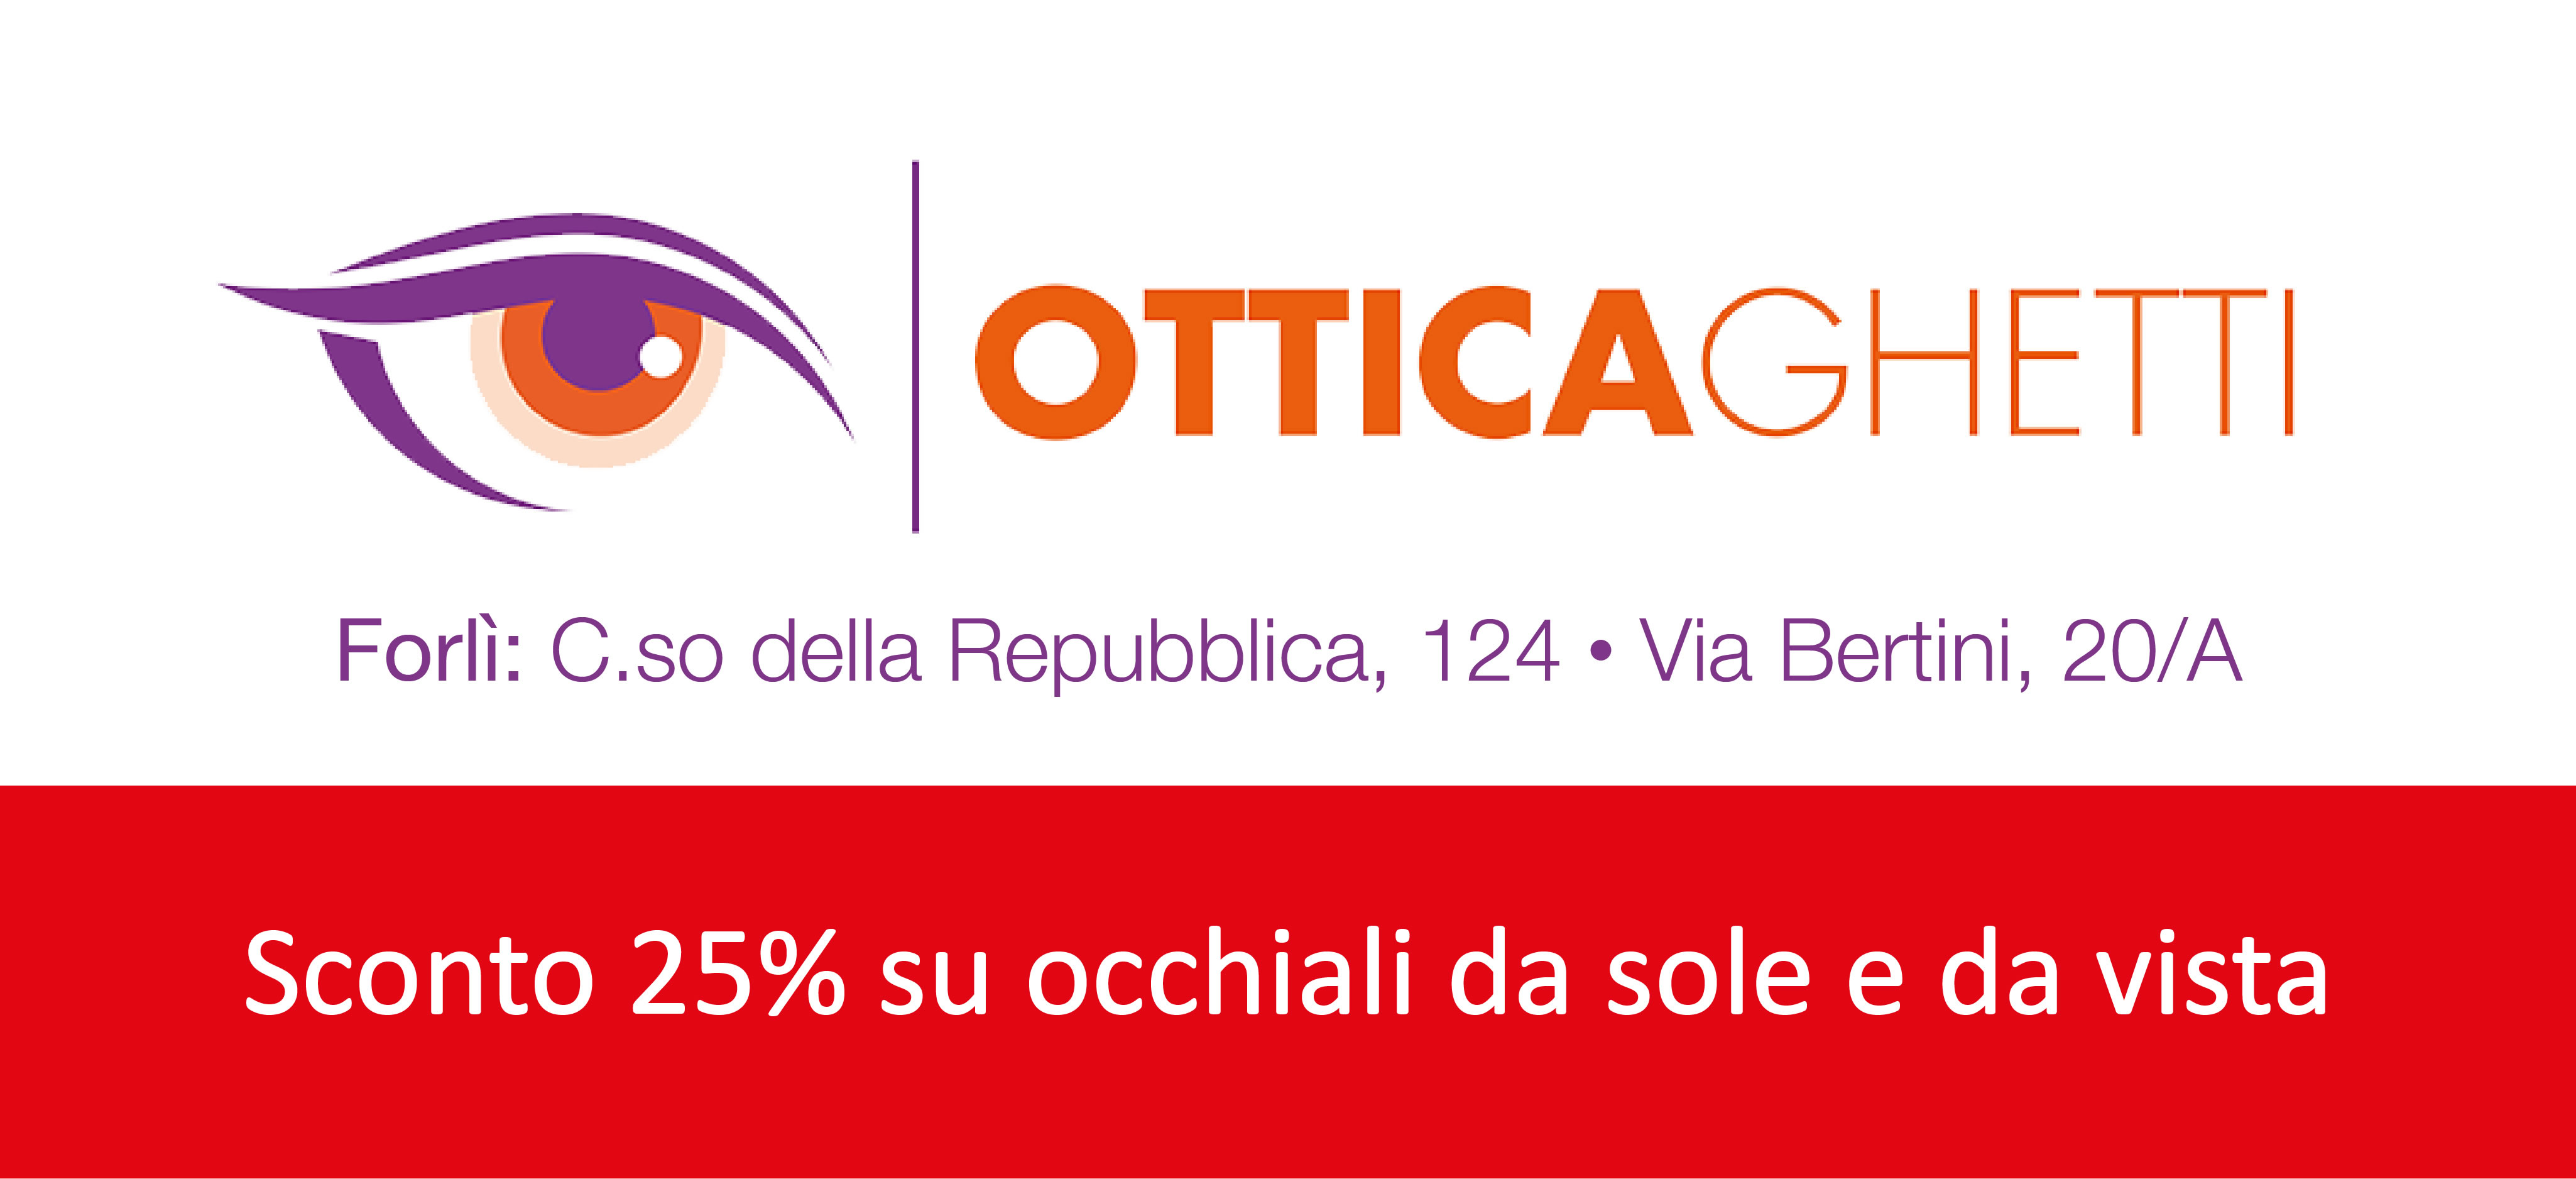 Ottica Ghetti